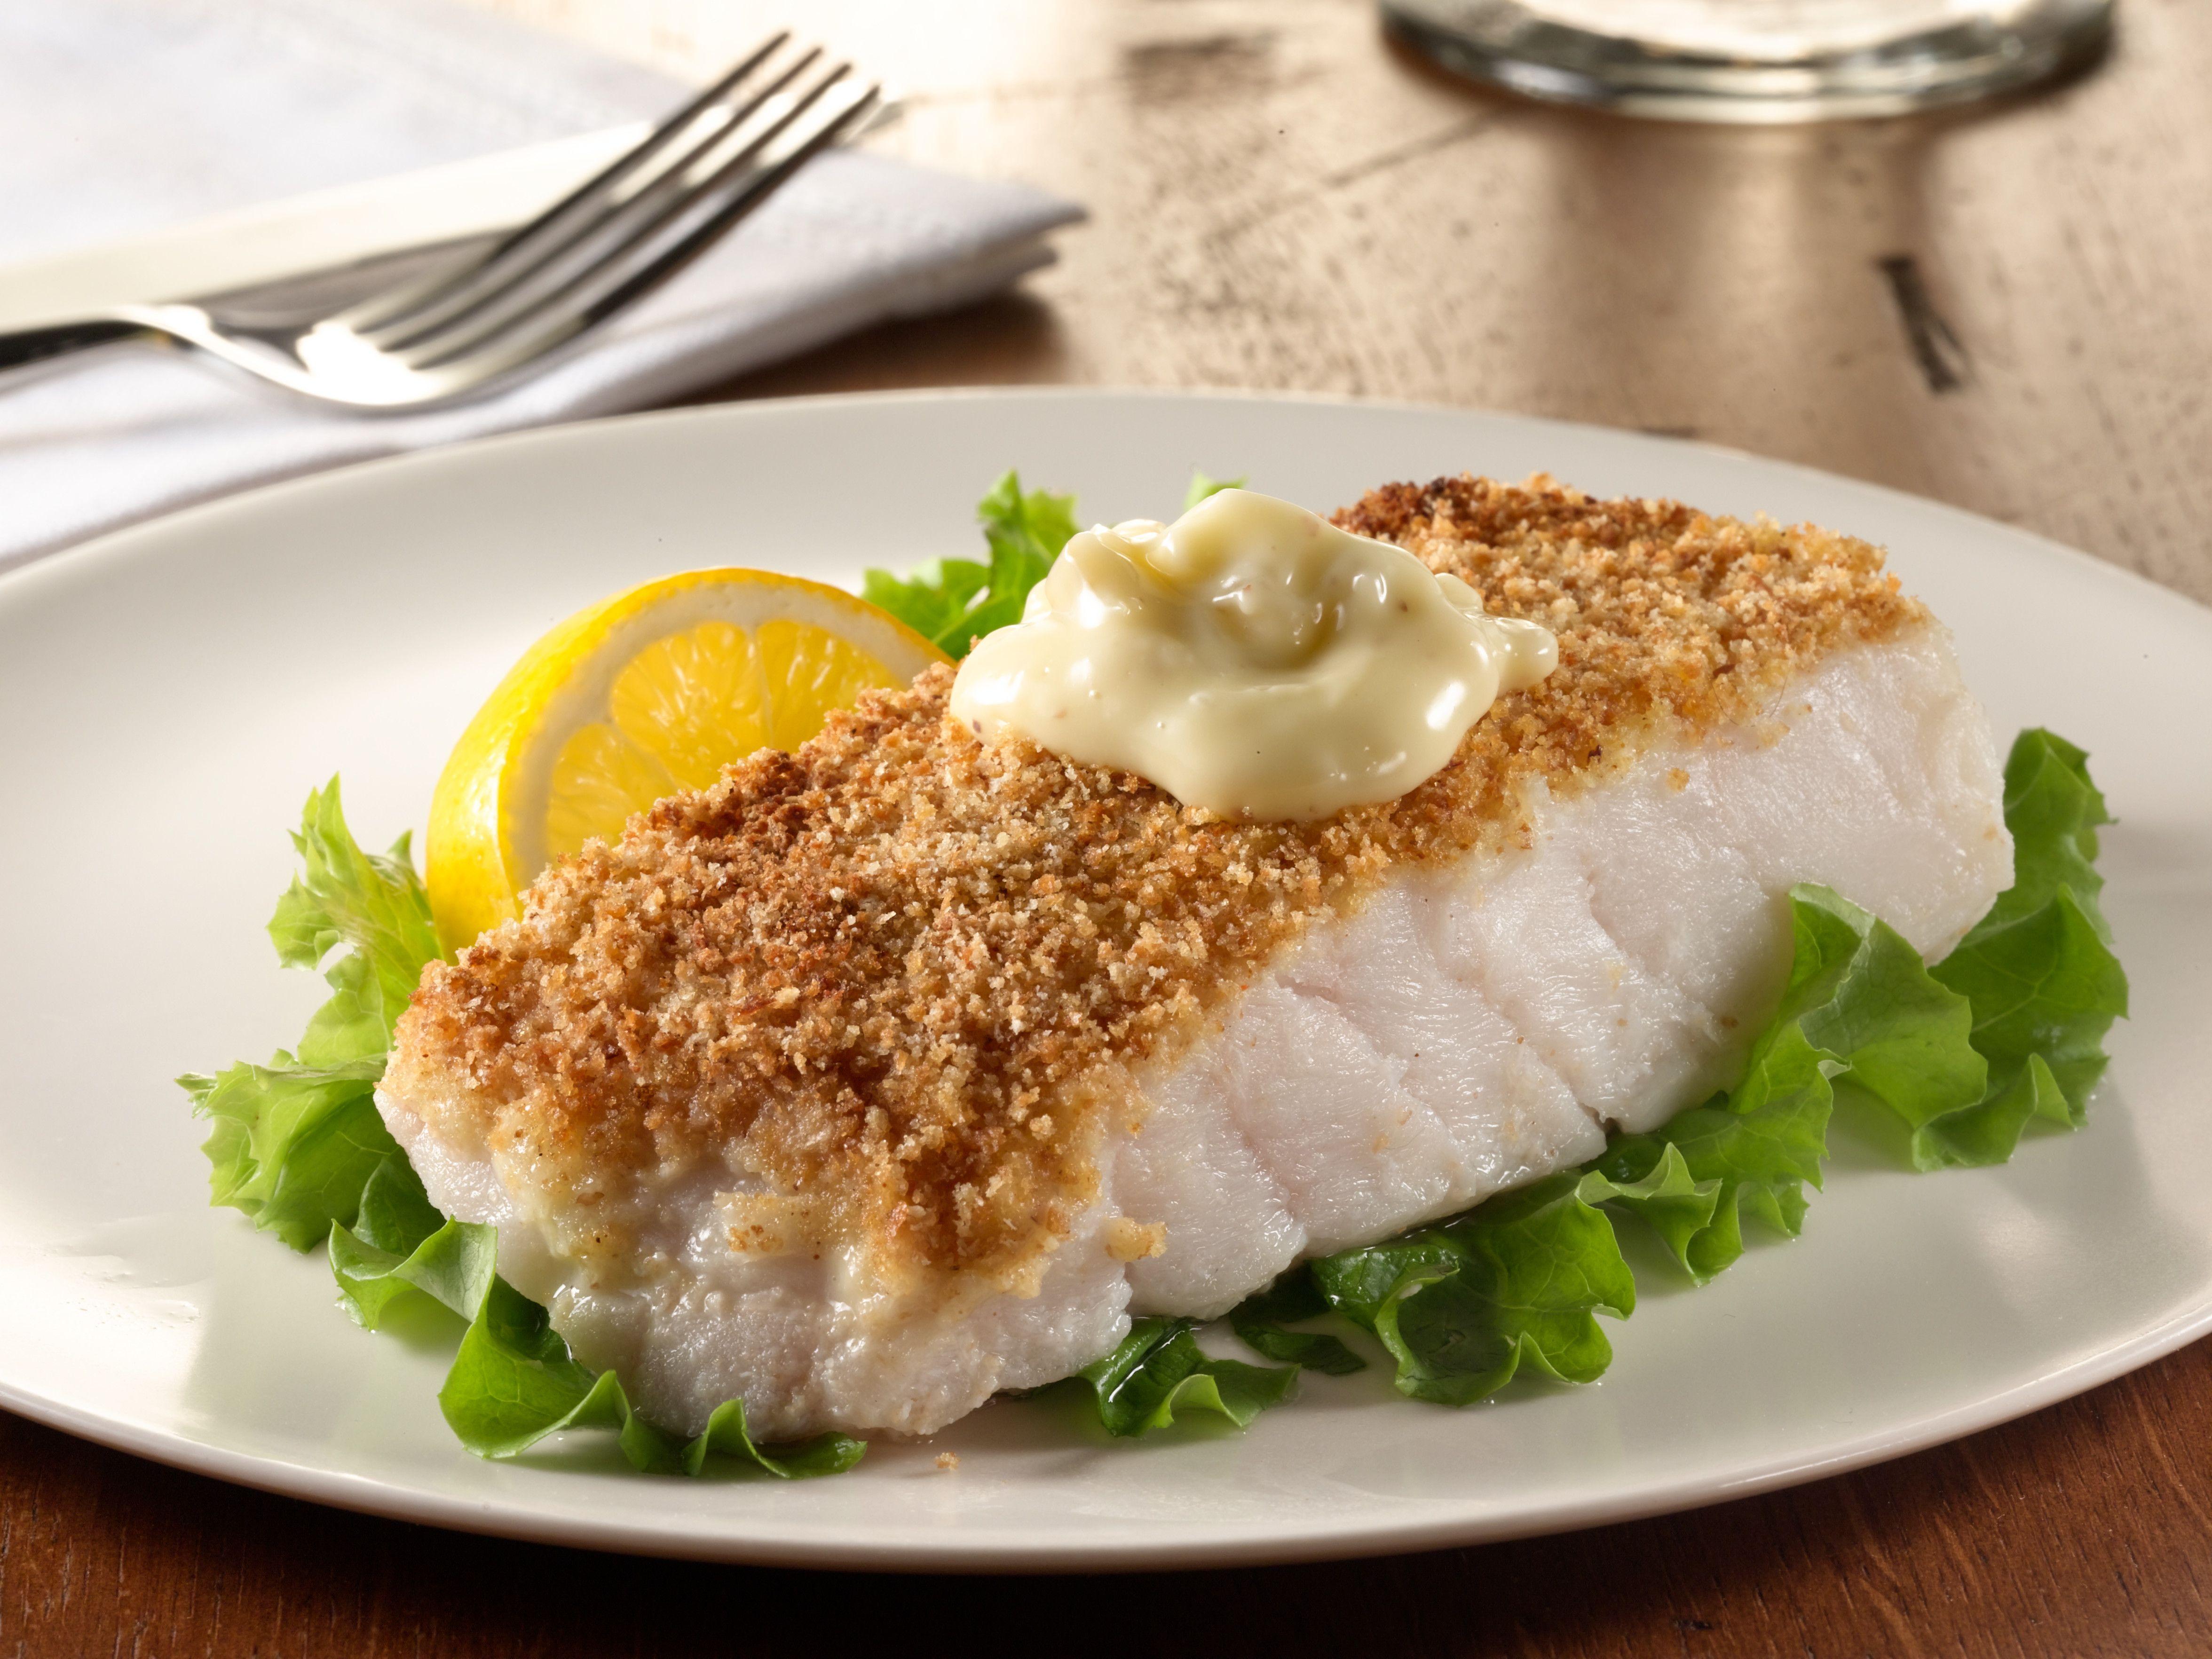 Easy Baked Cod Recipe Yummly Recipe Fish Recipes Baked White Fish Recipes Baked Recipes